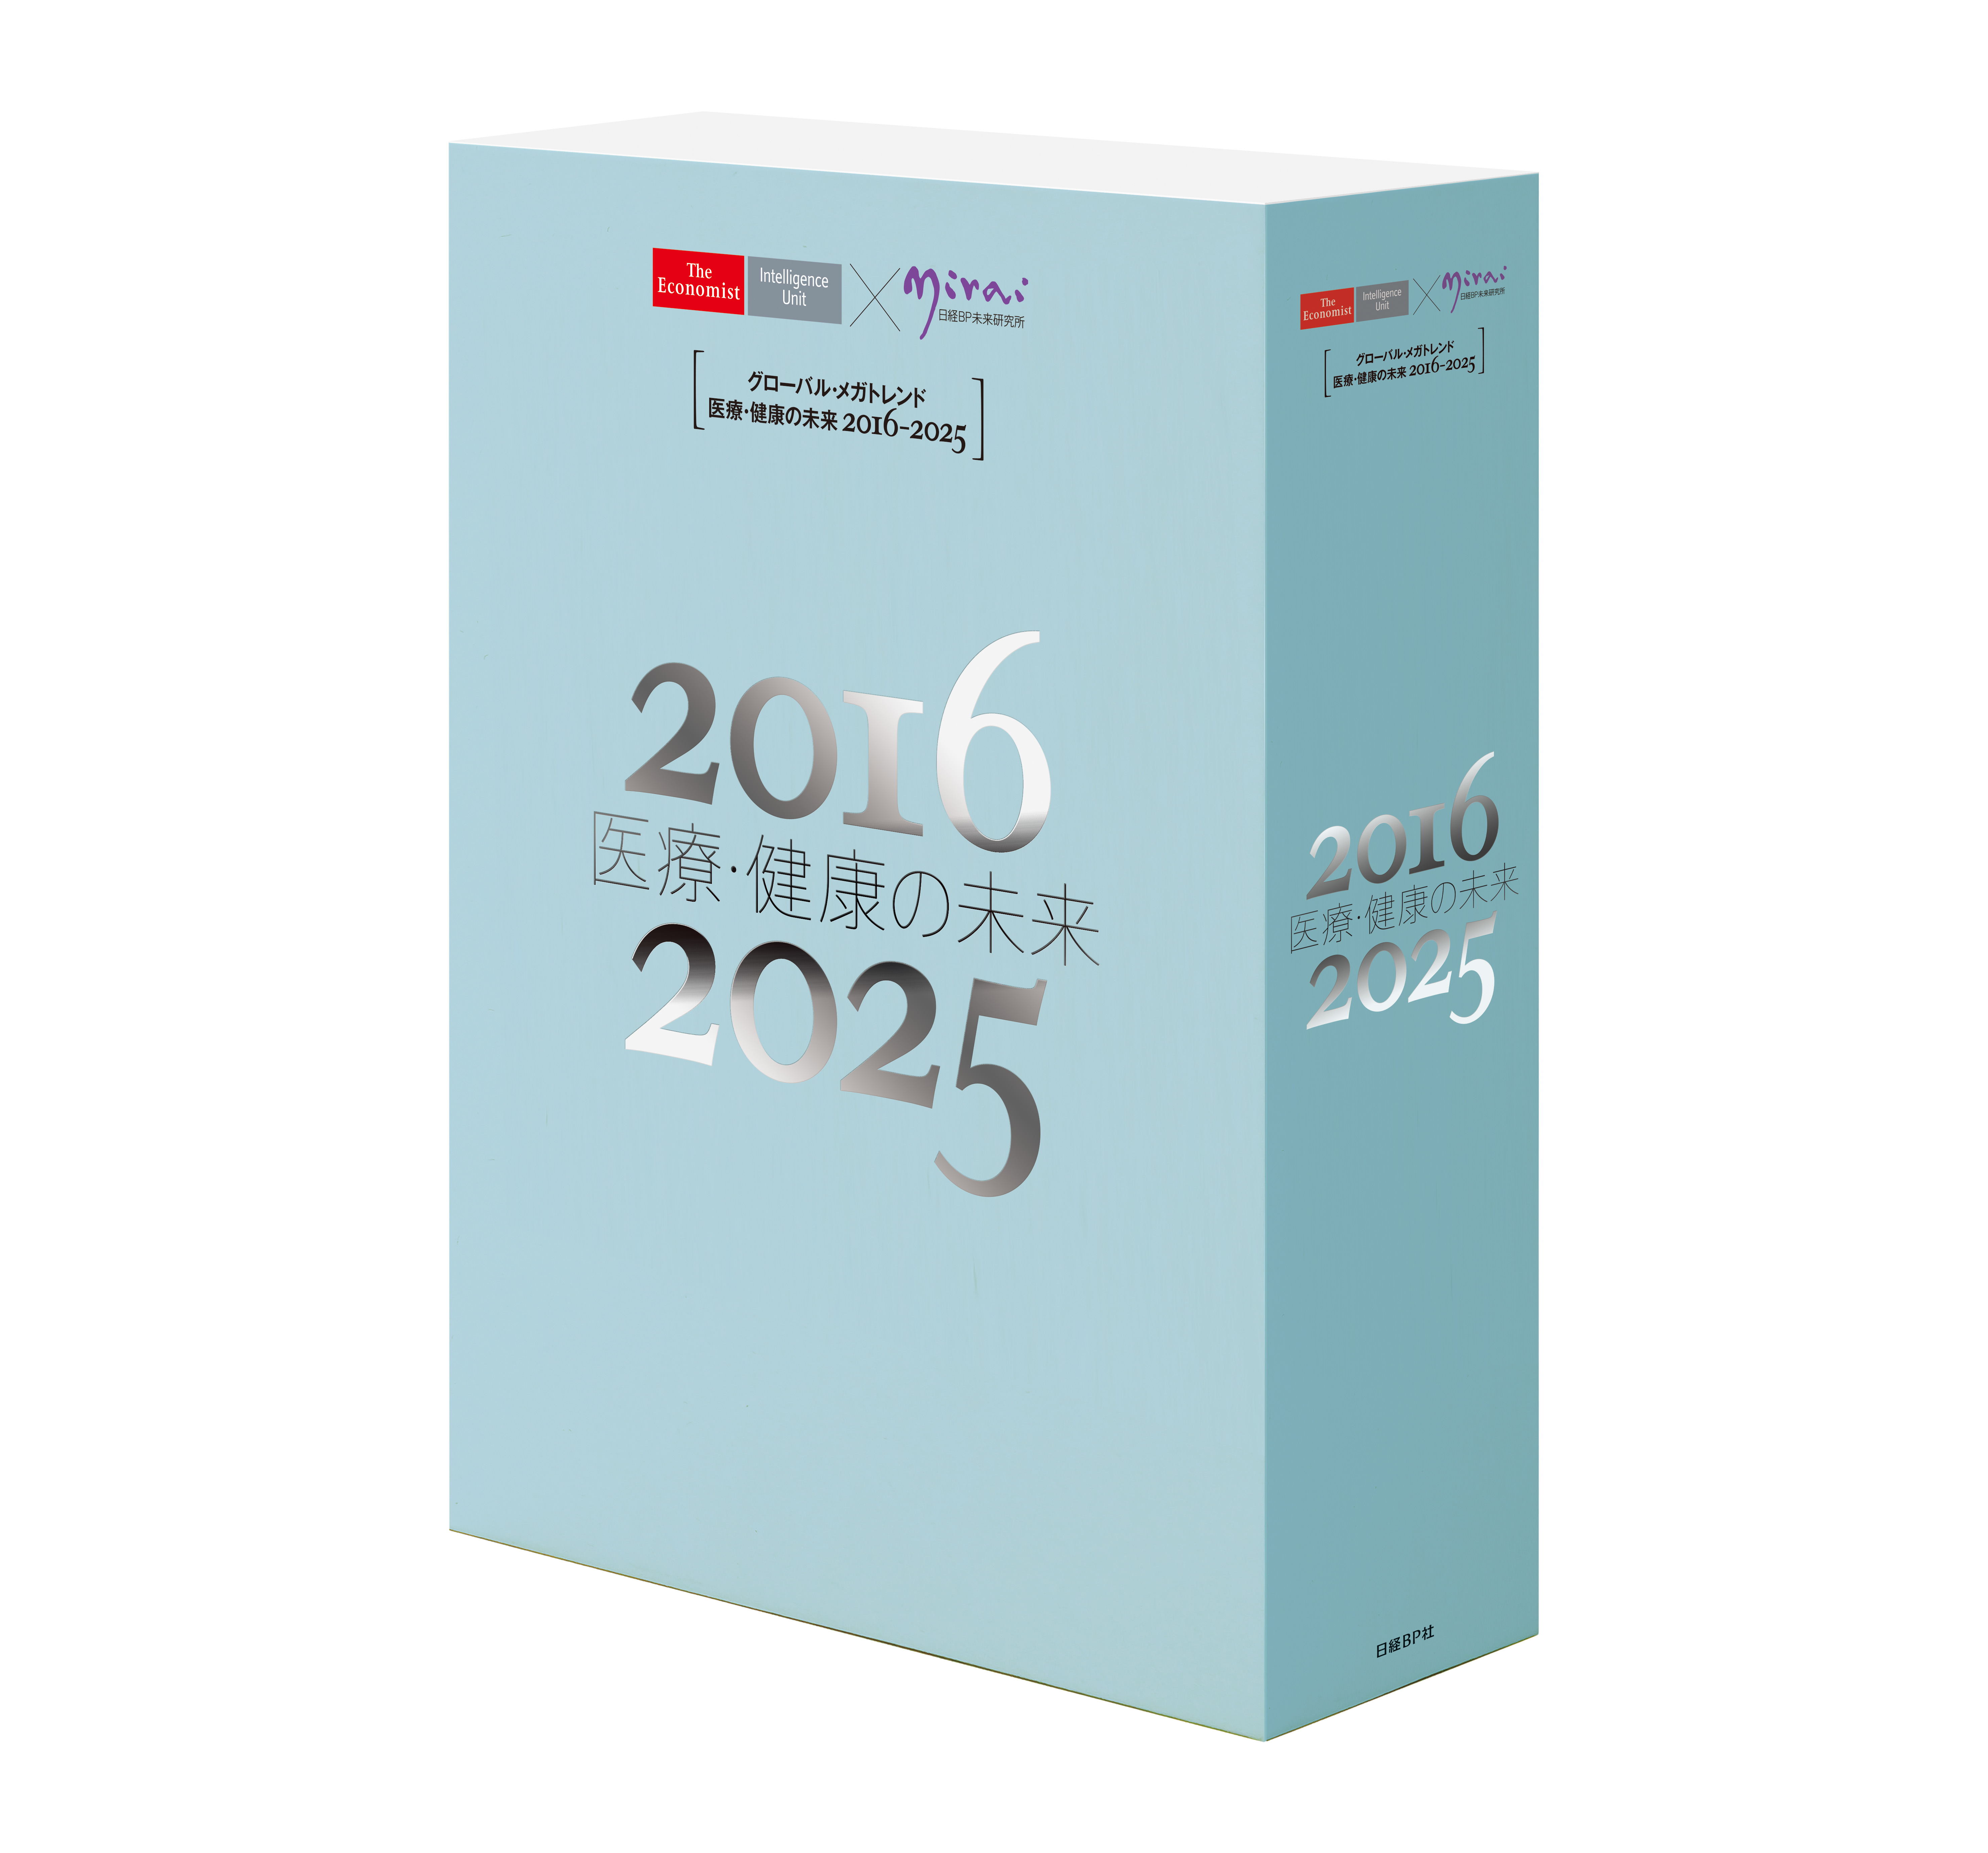 グローバル・メガトレンド 医療・健康の未来2016-2025